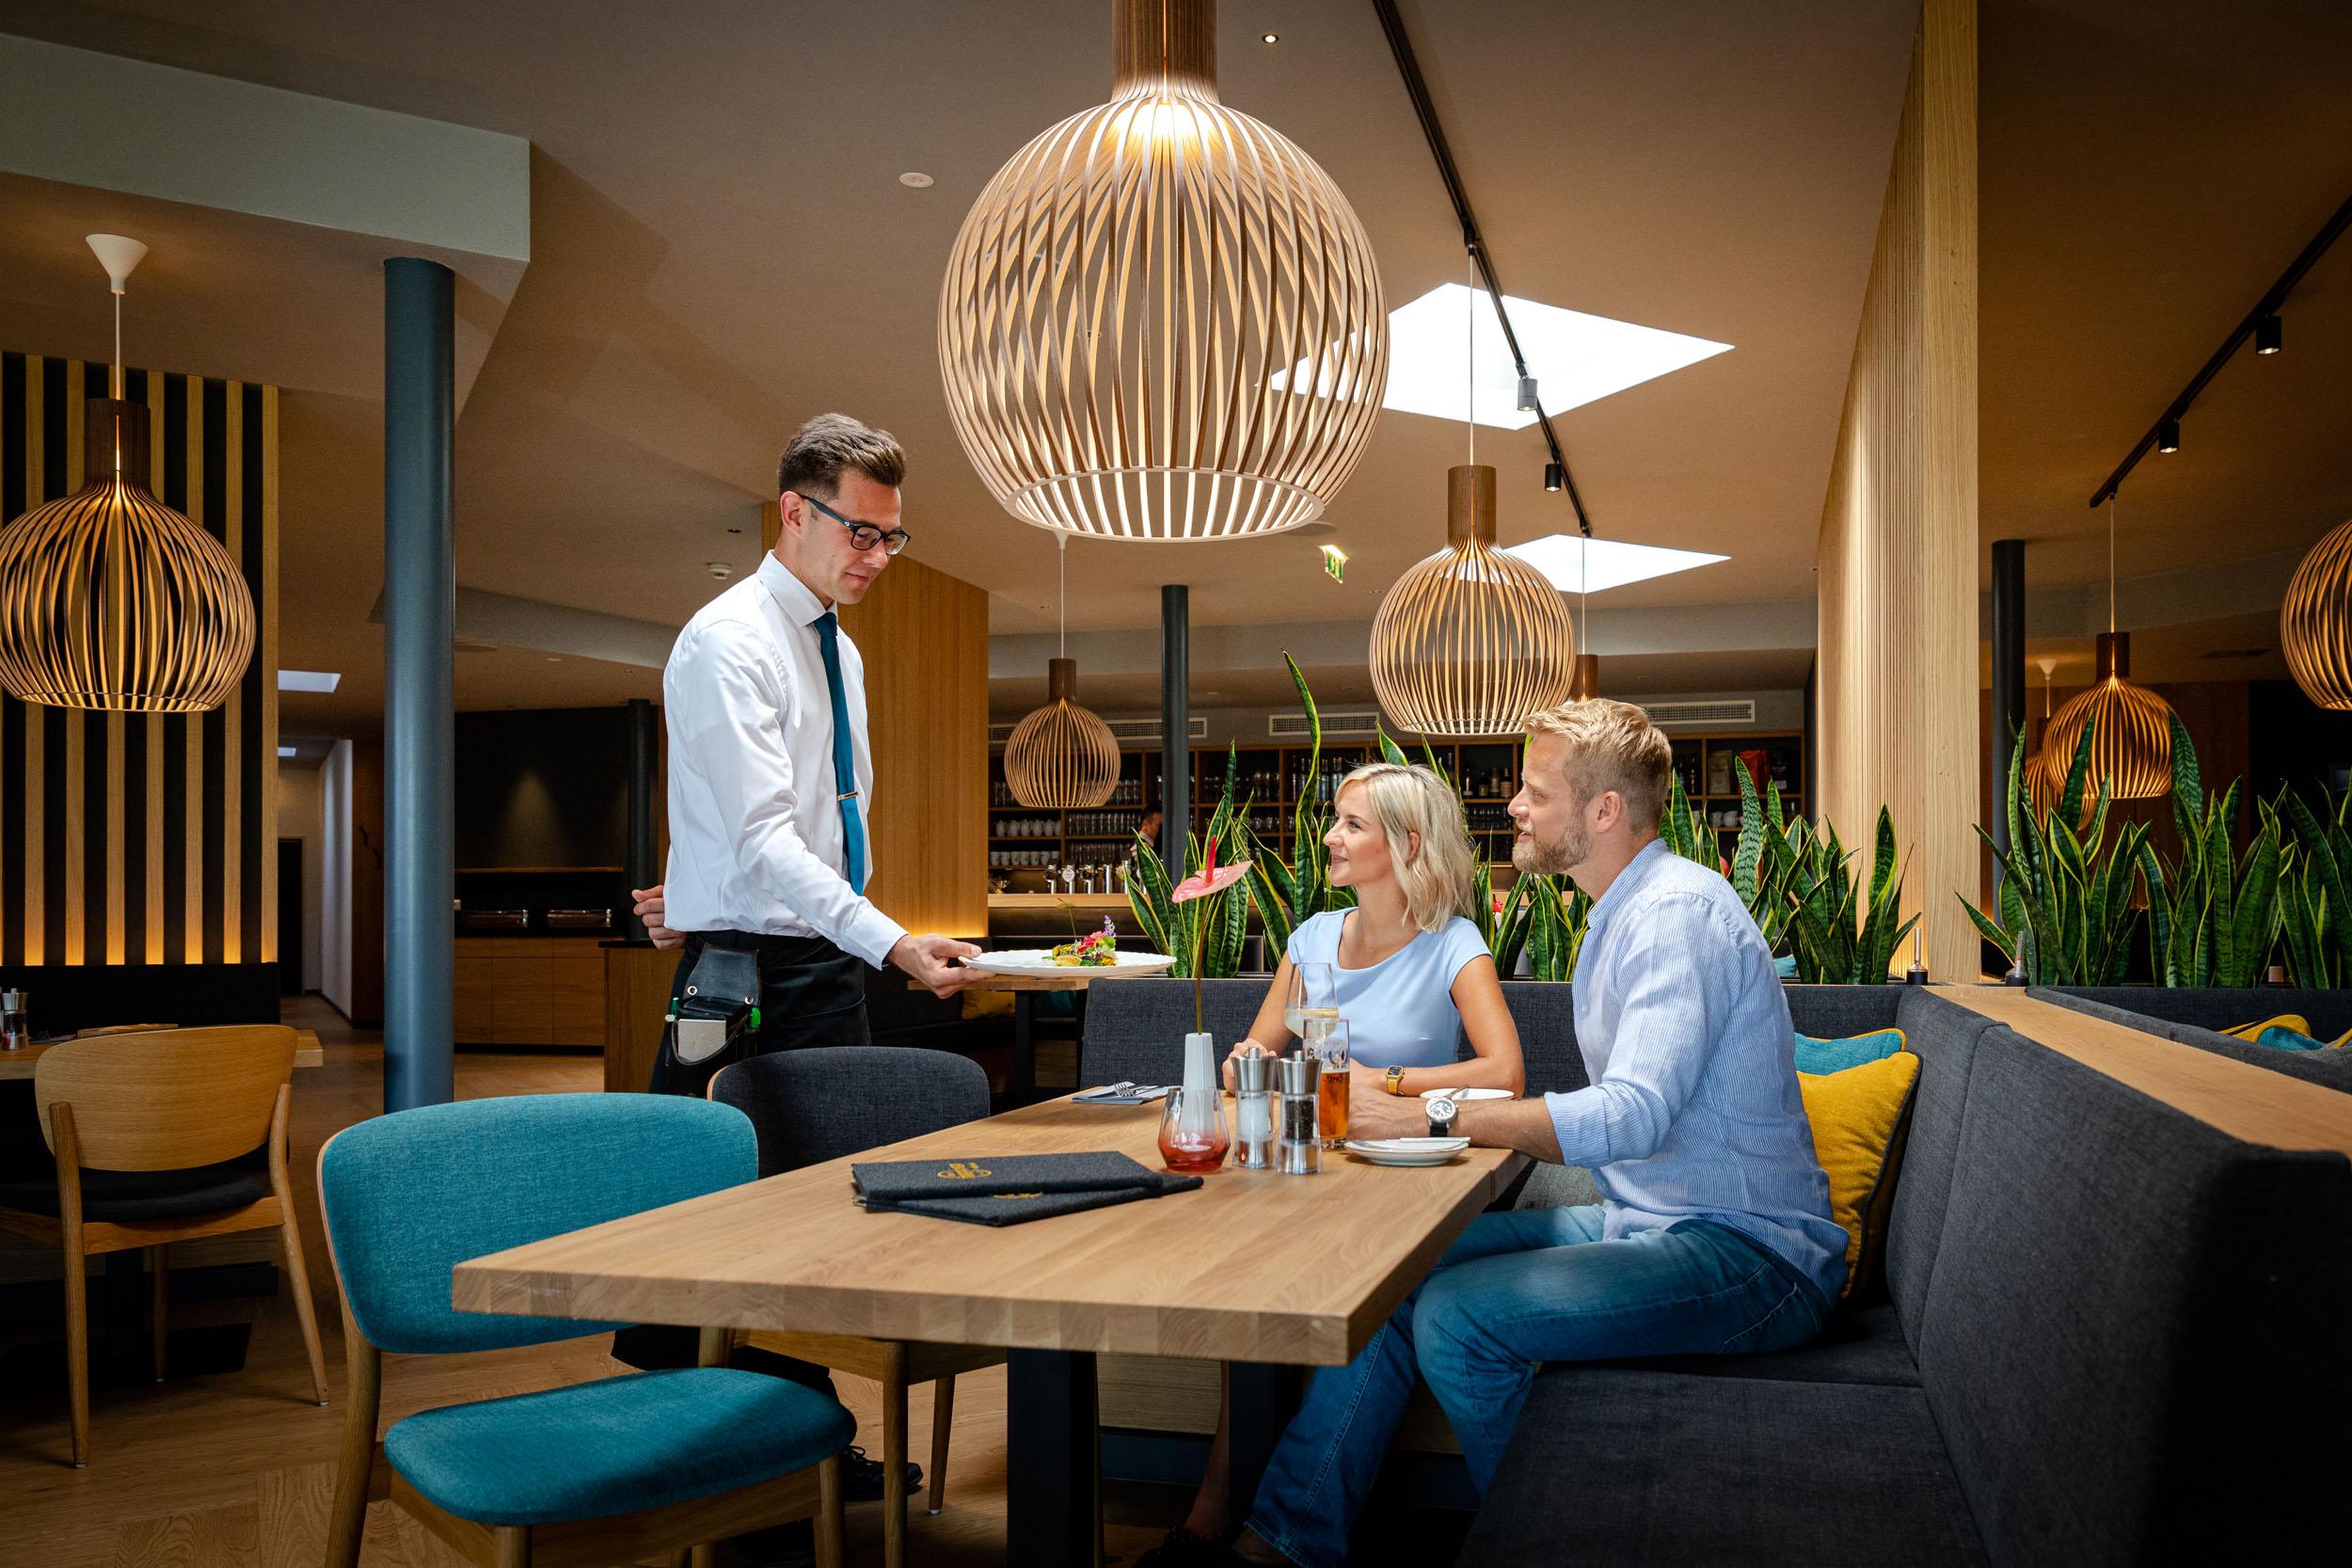 Ein Kellner serviert einem Paar das Essen im Gasthaus in Villach Umgebung